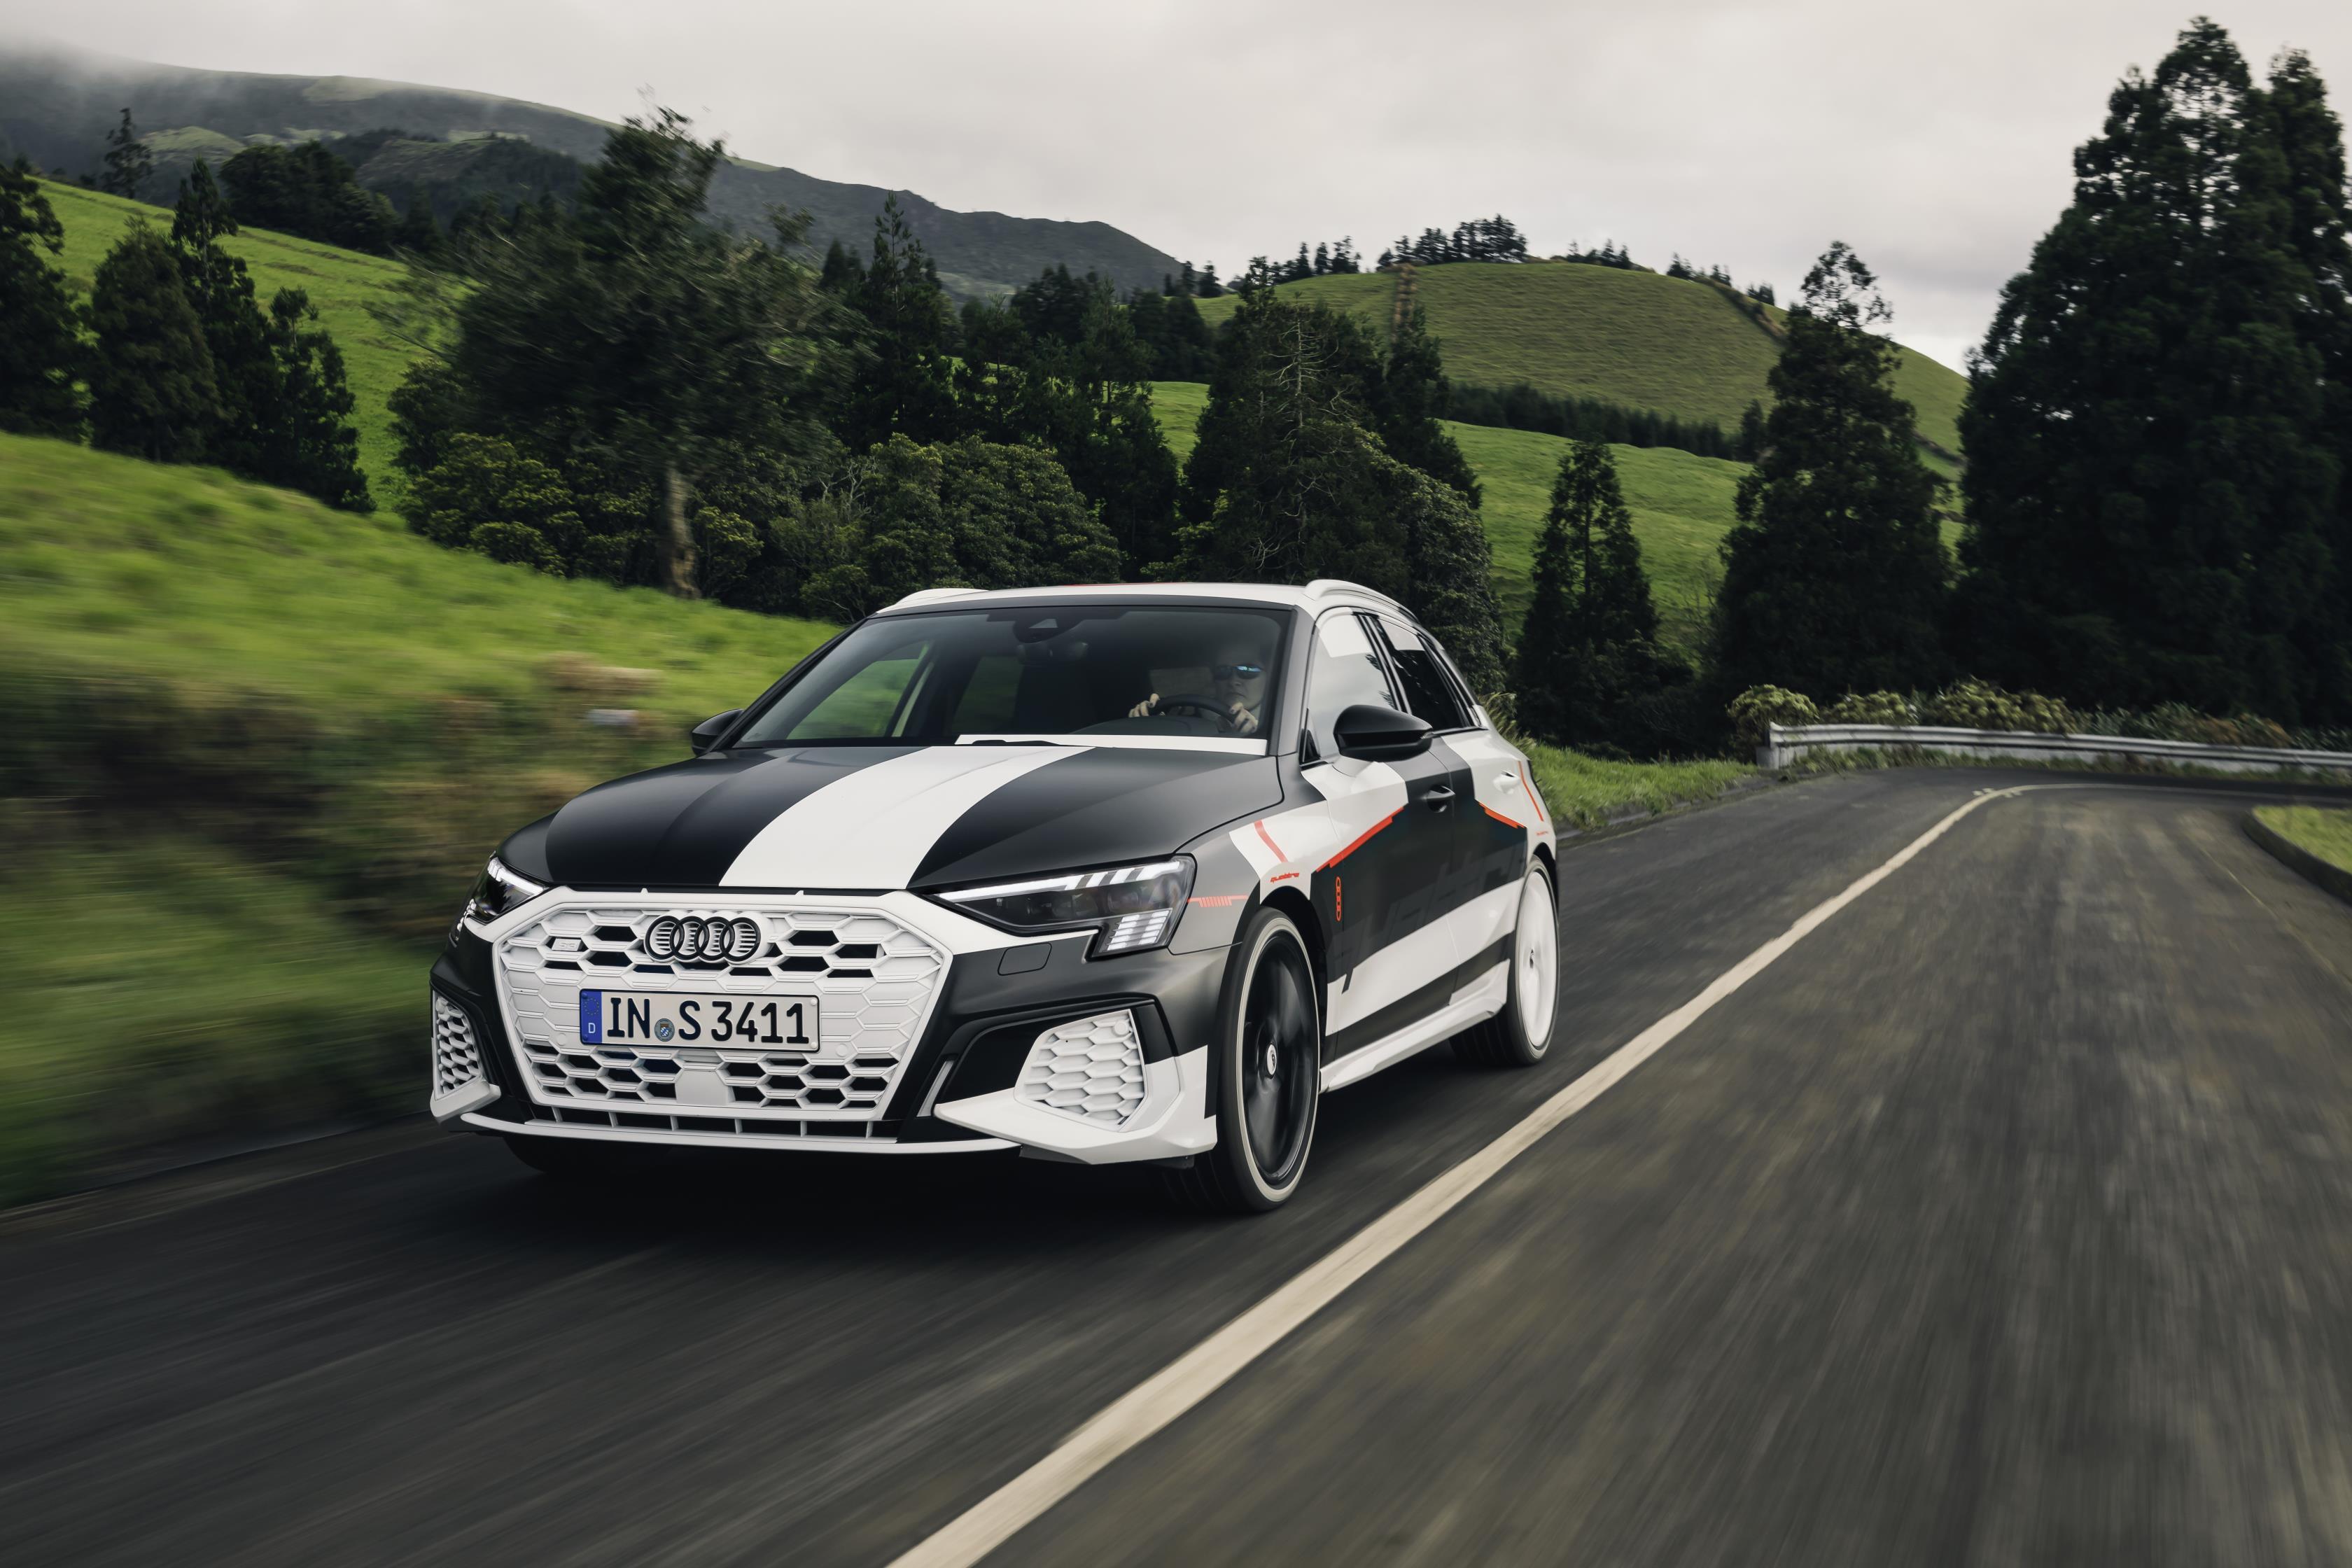 Audi A3 Exterior